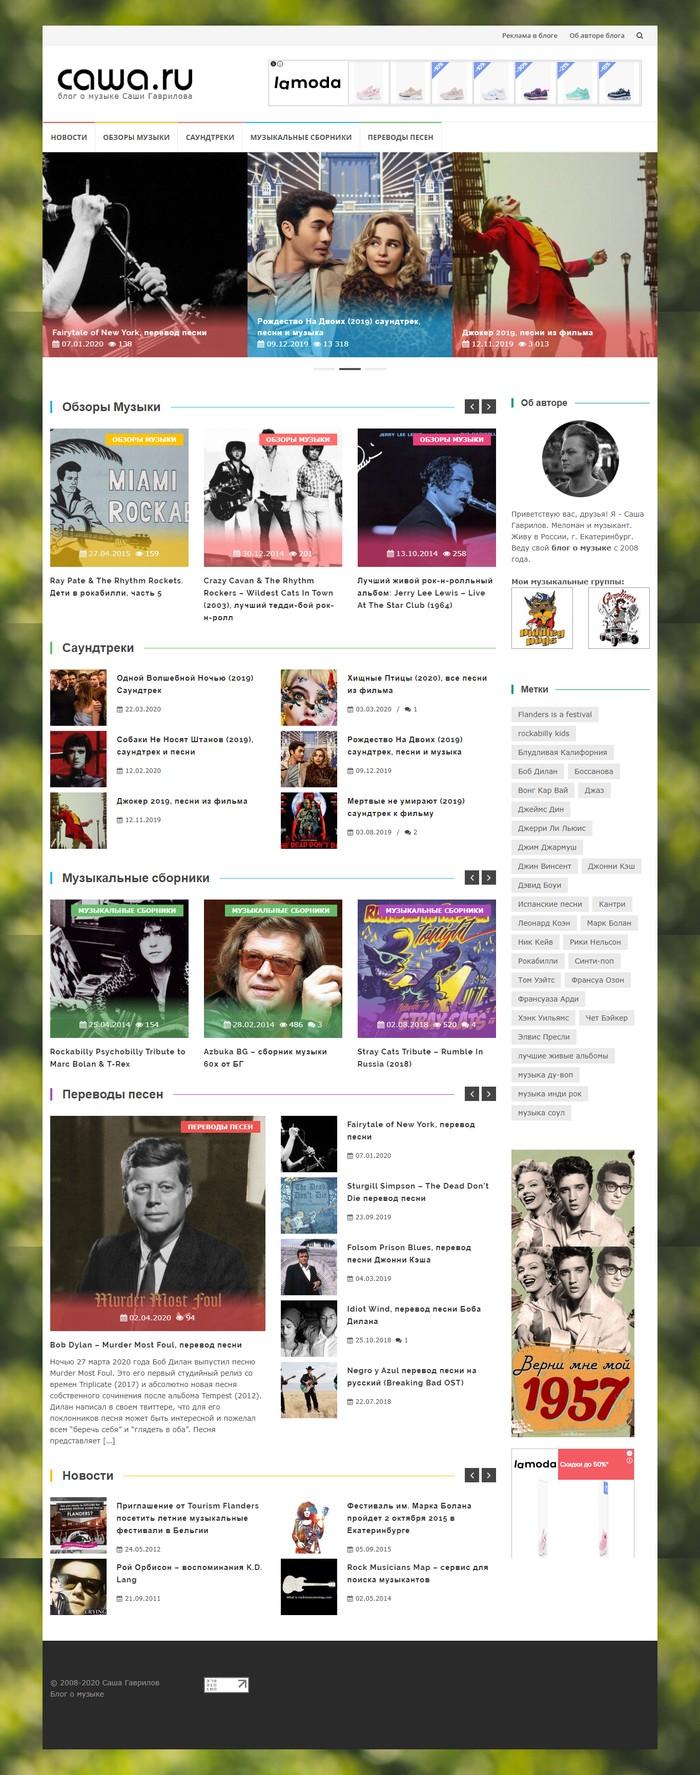 скриншот сайта Cawa.ru, блог о музыке